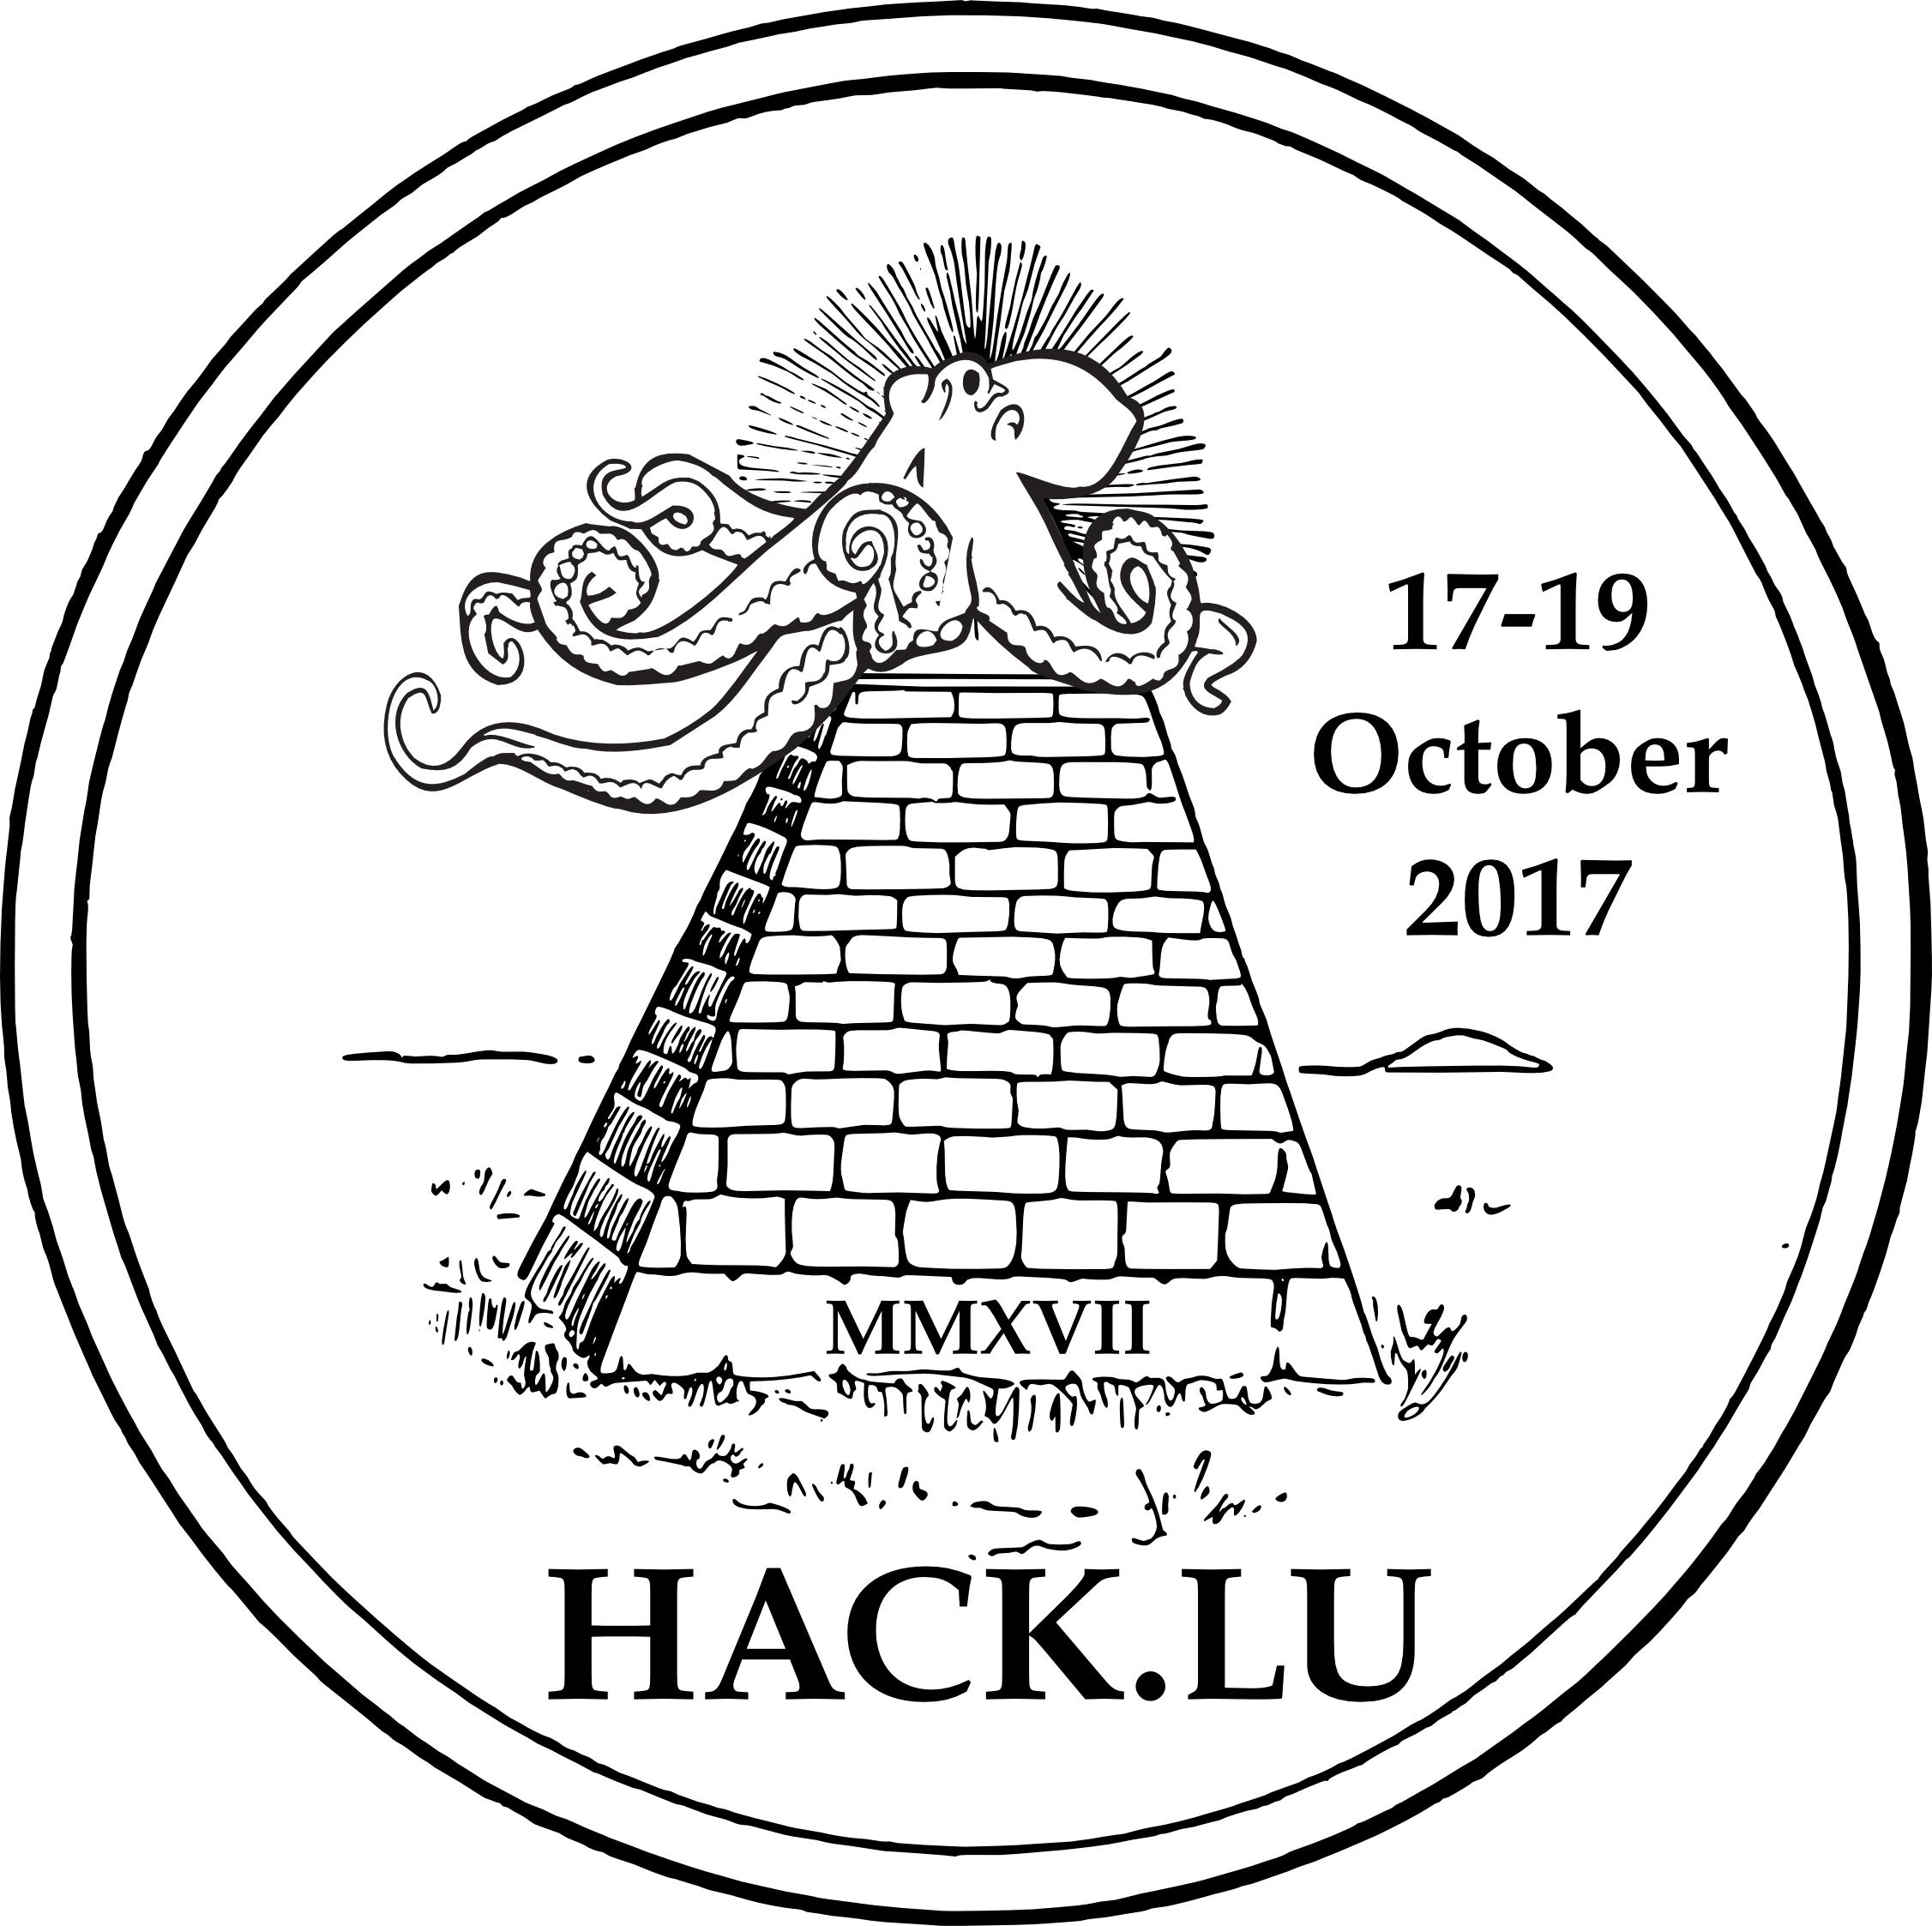 Hack.lu 2017 logo